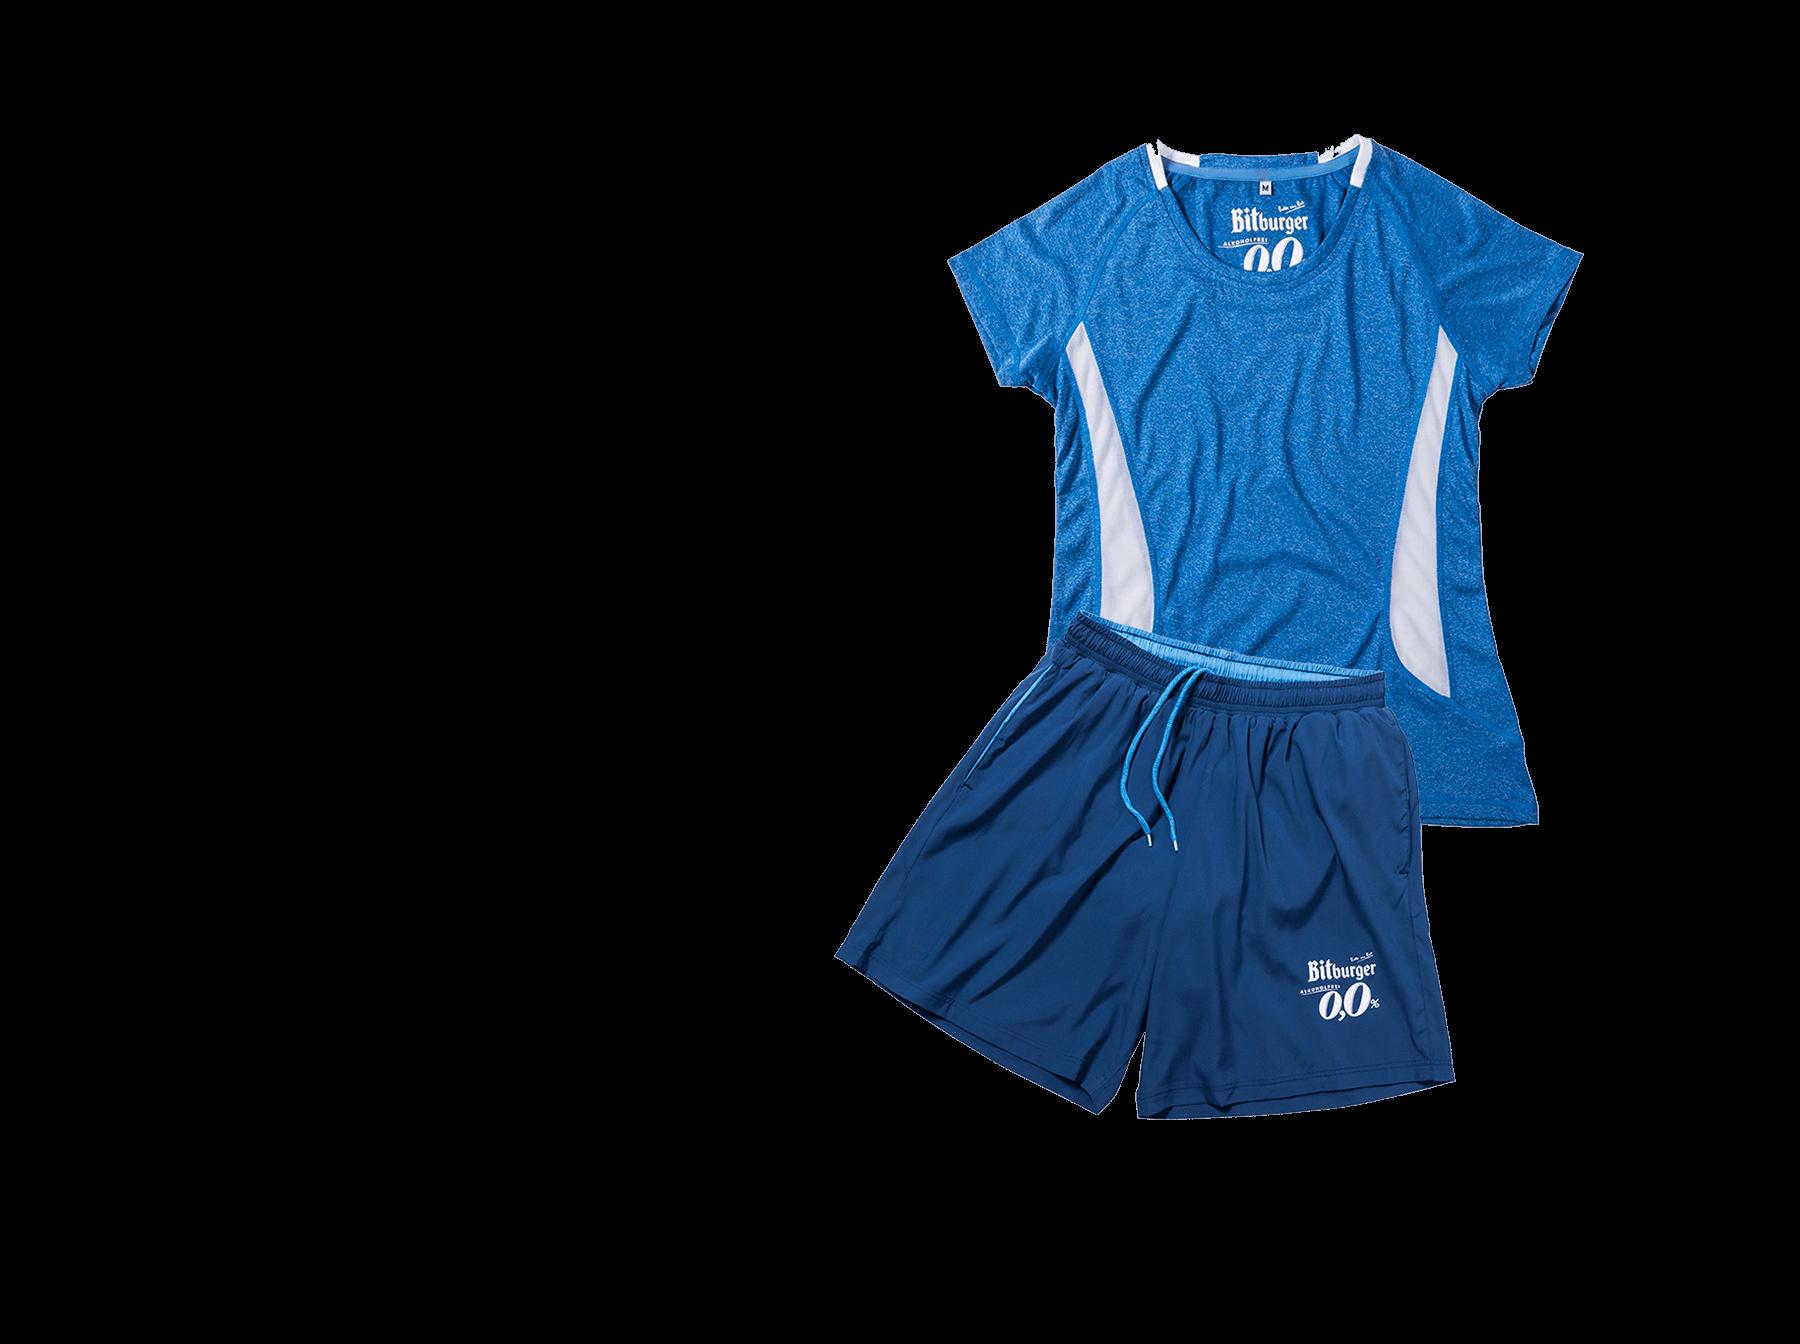 Bekldiung für Teams. Blaues Shirt und Sporthose